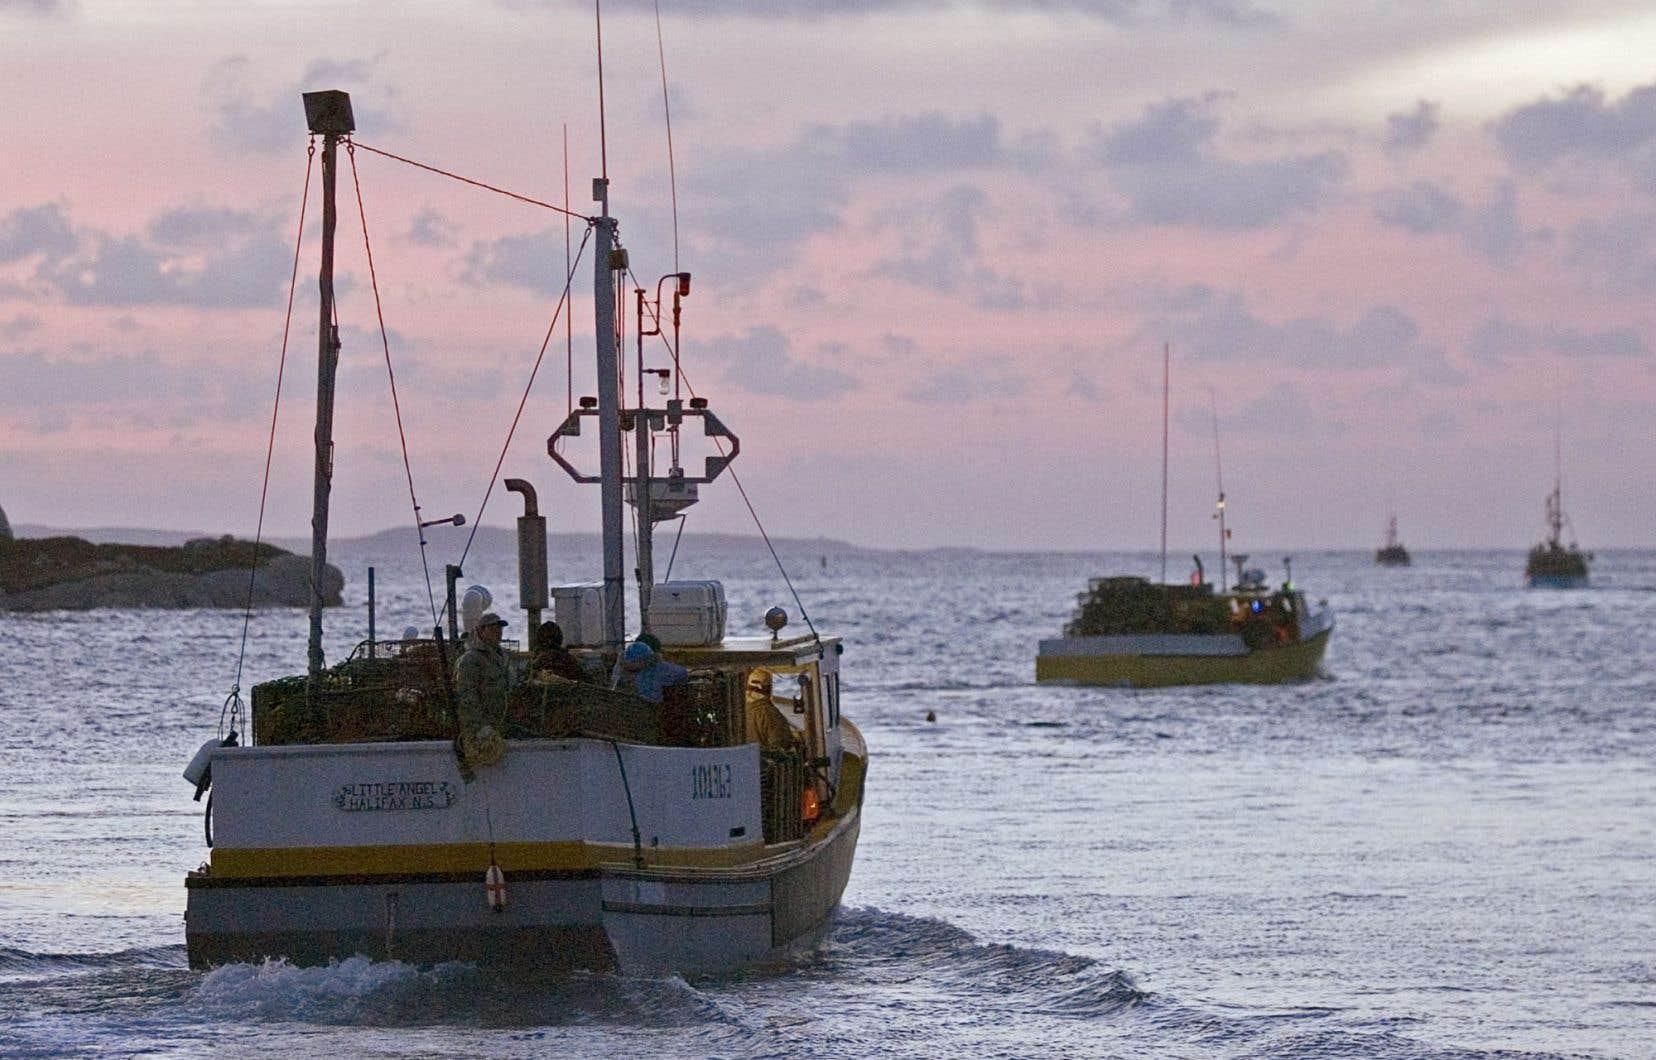 Dans une lettre aux ministres fédéraux des Ressources naturelles, de l'Environnement et des Pêches, une vingtaine de communautés et d'associations de pêcheurs vivant et travaillant sur les côtes du golfe demandent au gouvernement de prendre le temps de bien mesurer les risques avant d'y entreprendre des travaux d'exploration.